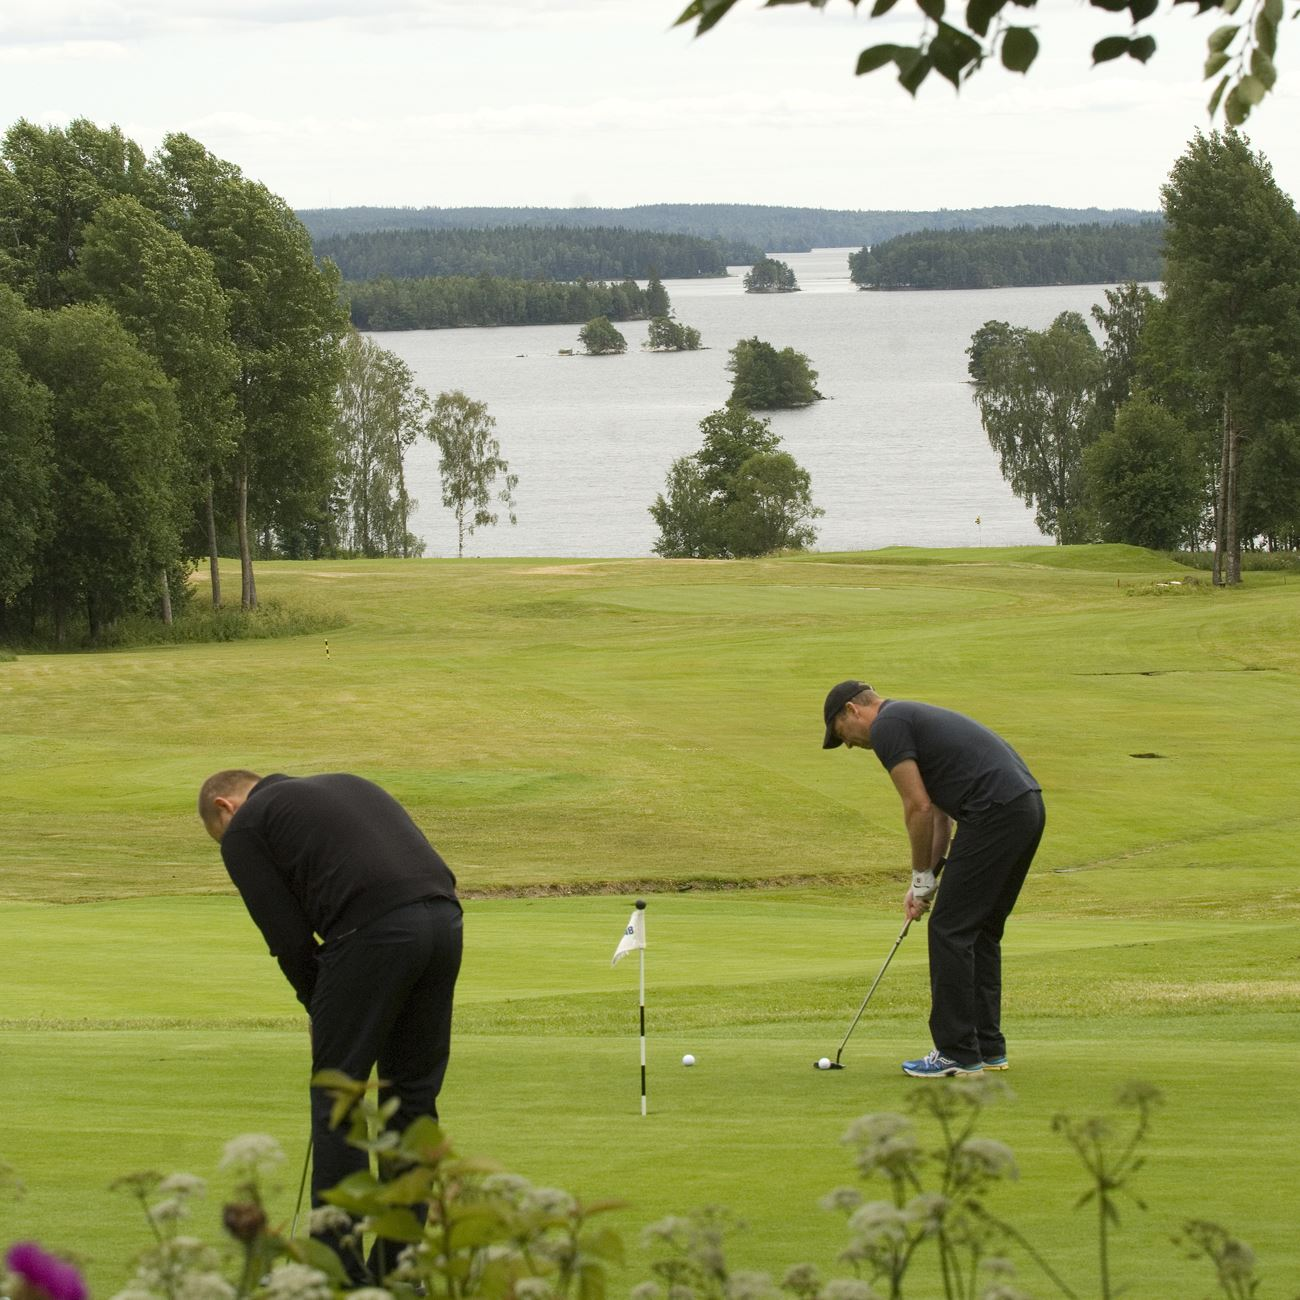 Foto: Smålandsbilder.se,  © Värnamo Näringsliv AB , Värnamo Golfklubb